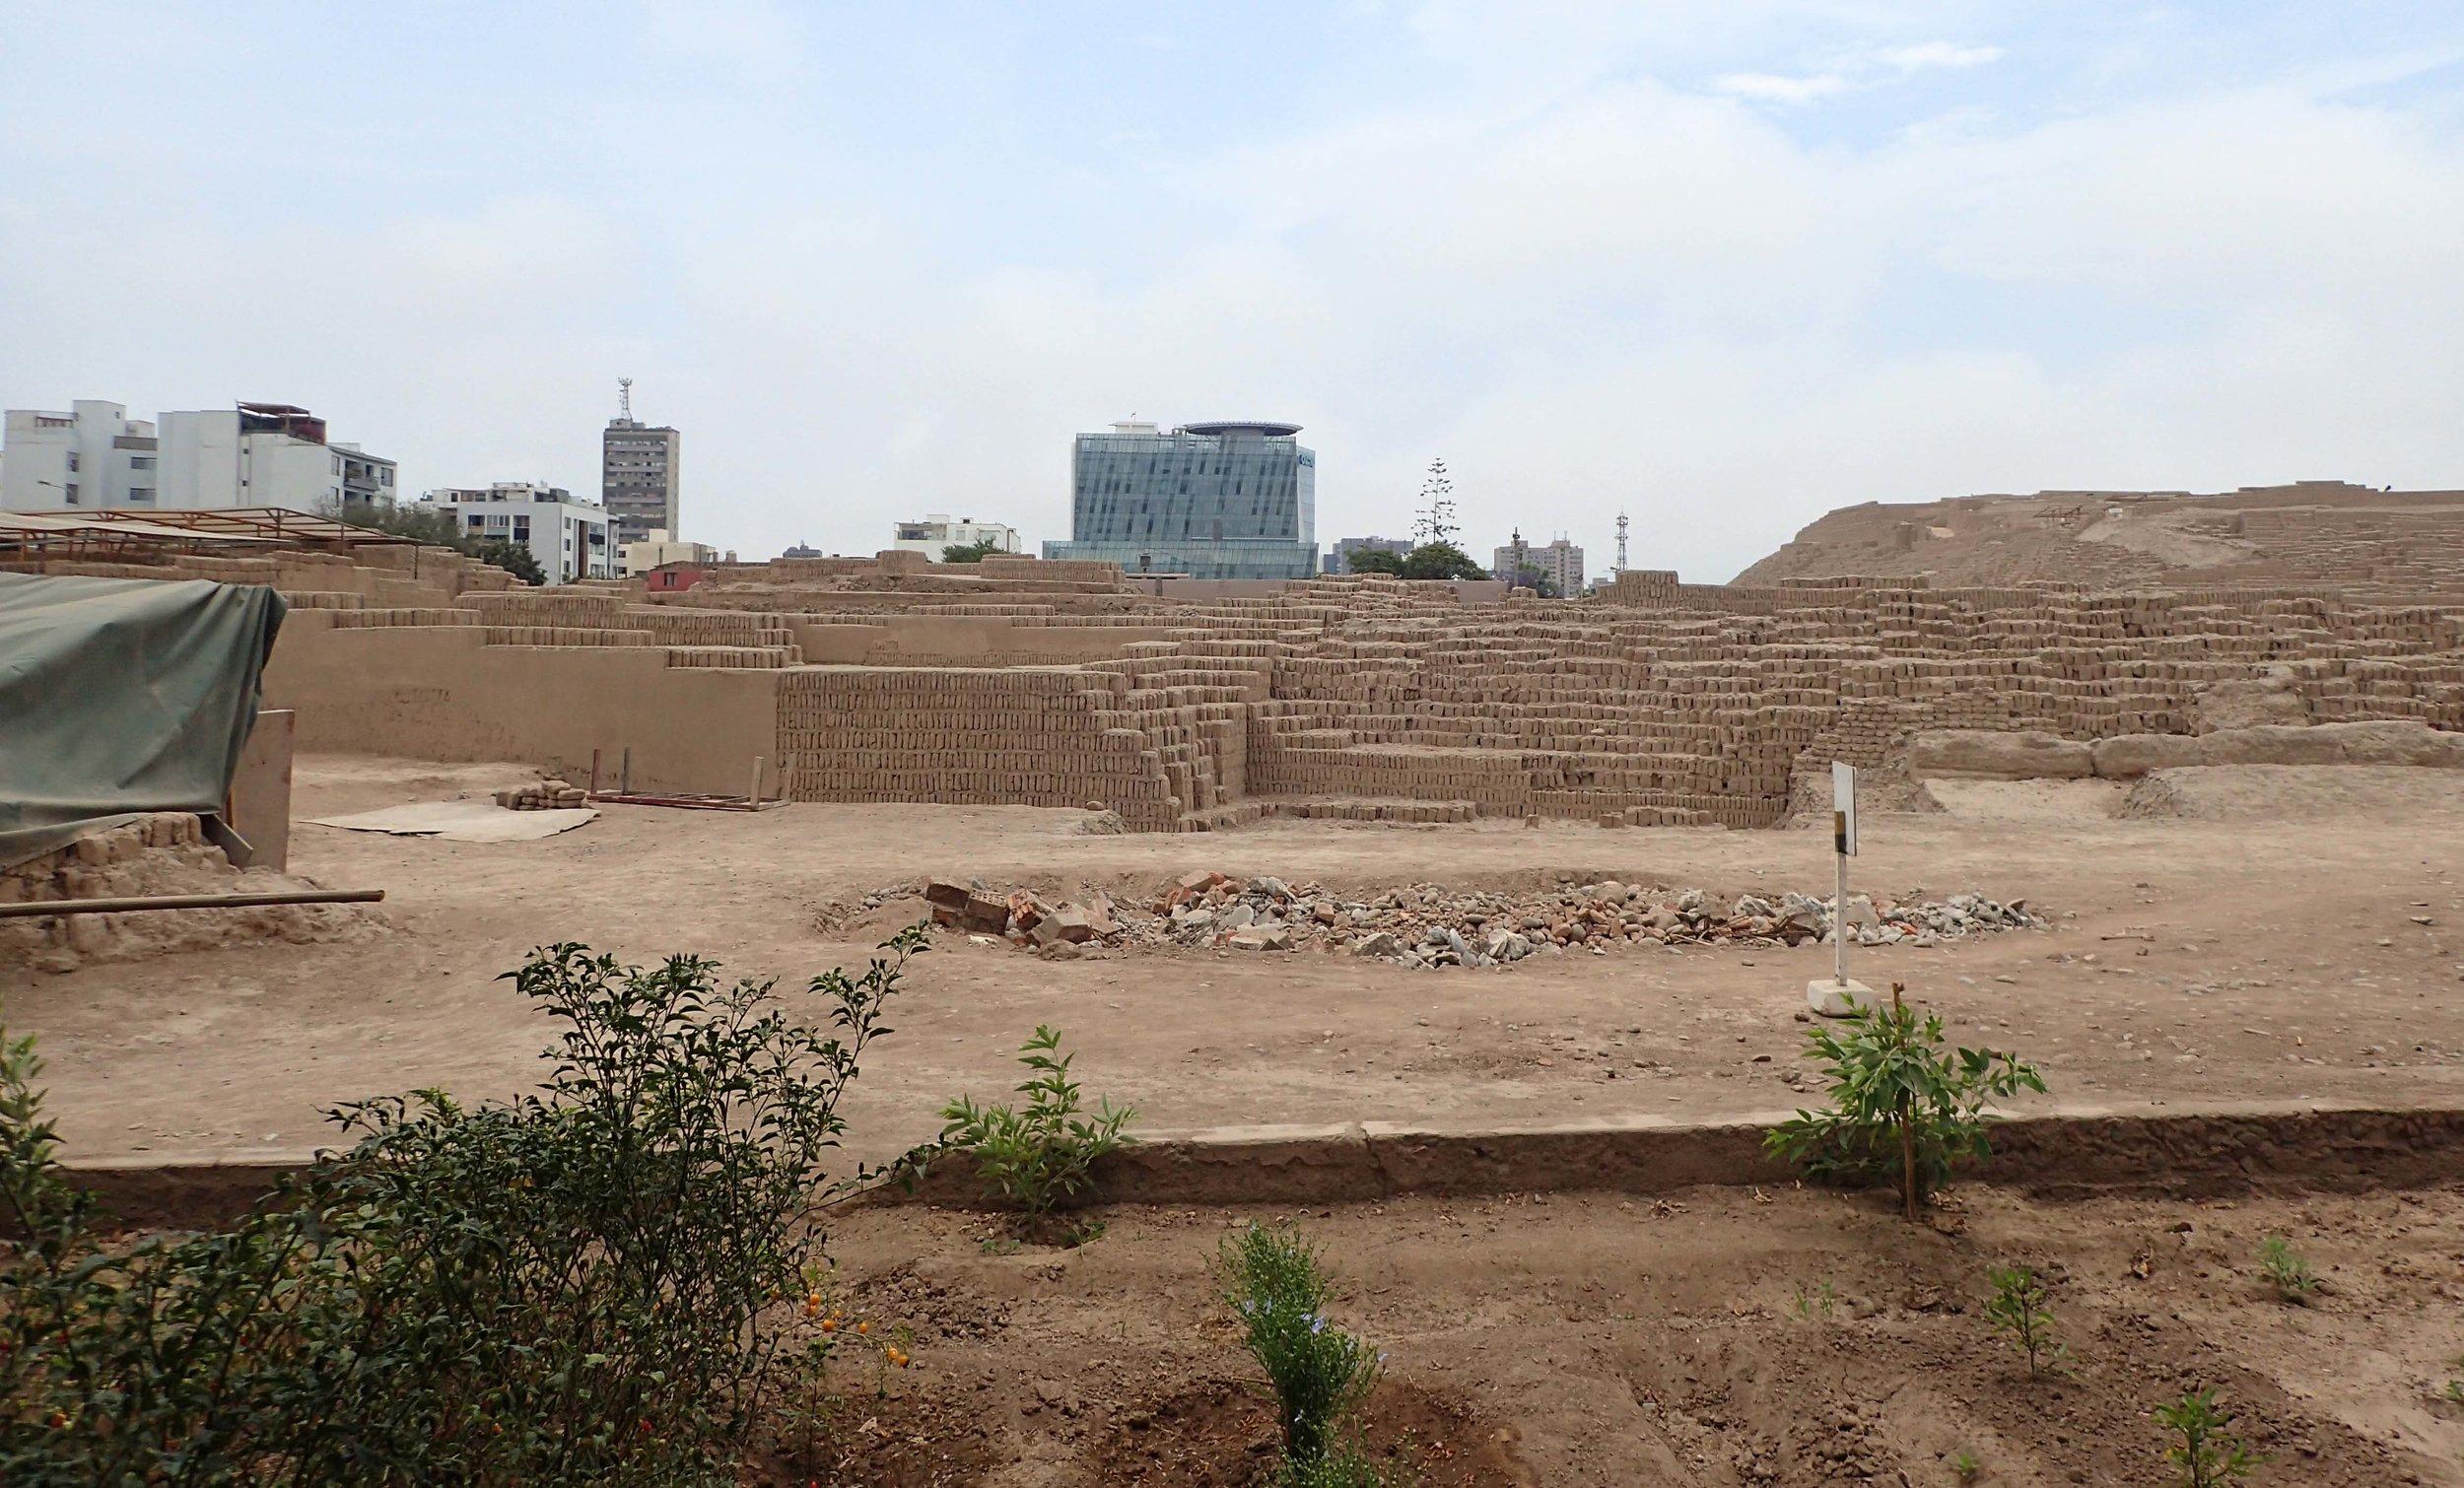 Wari ruins and skyscrapers.jpg